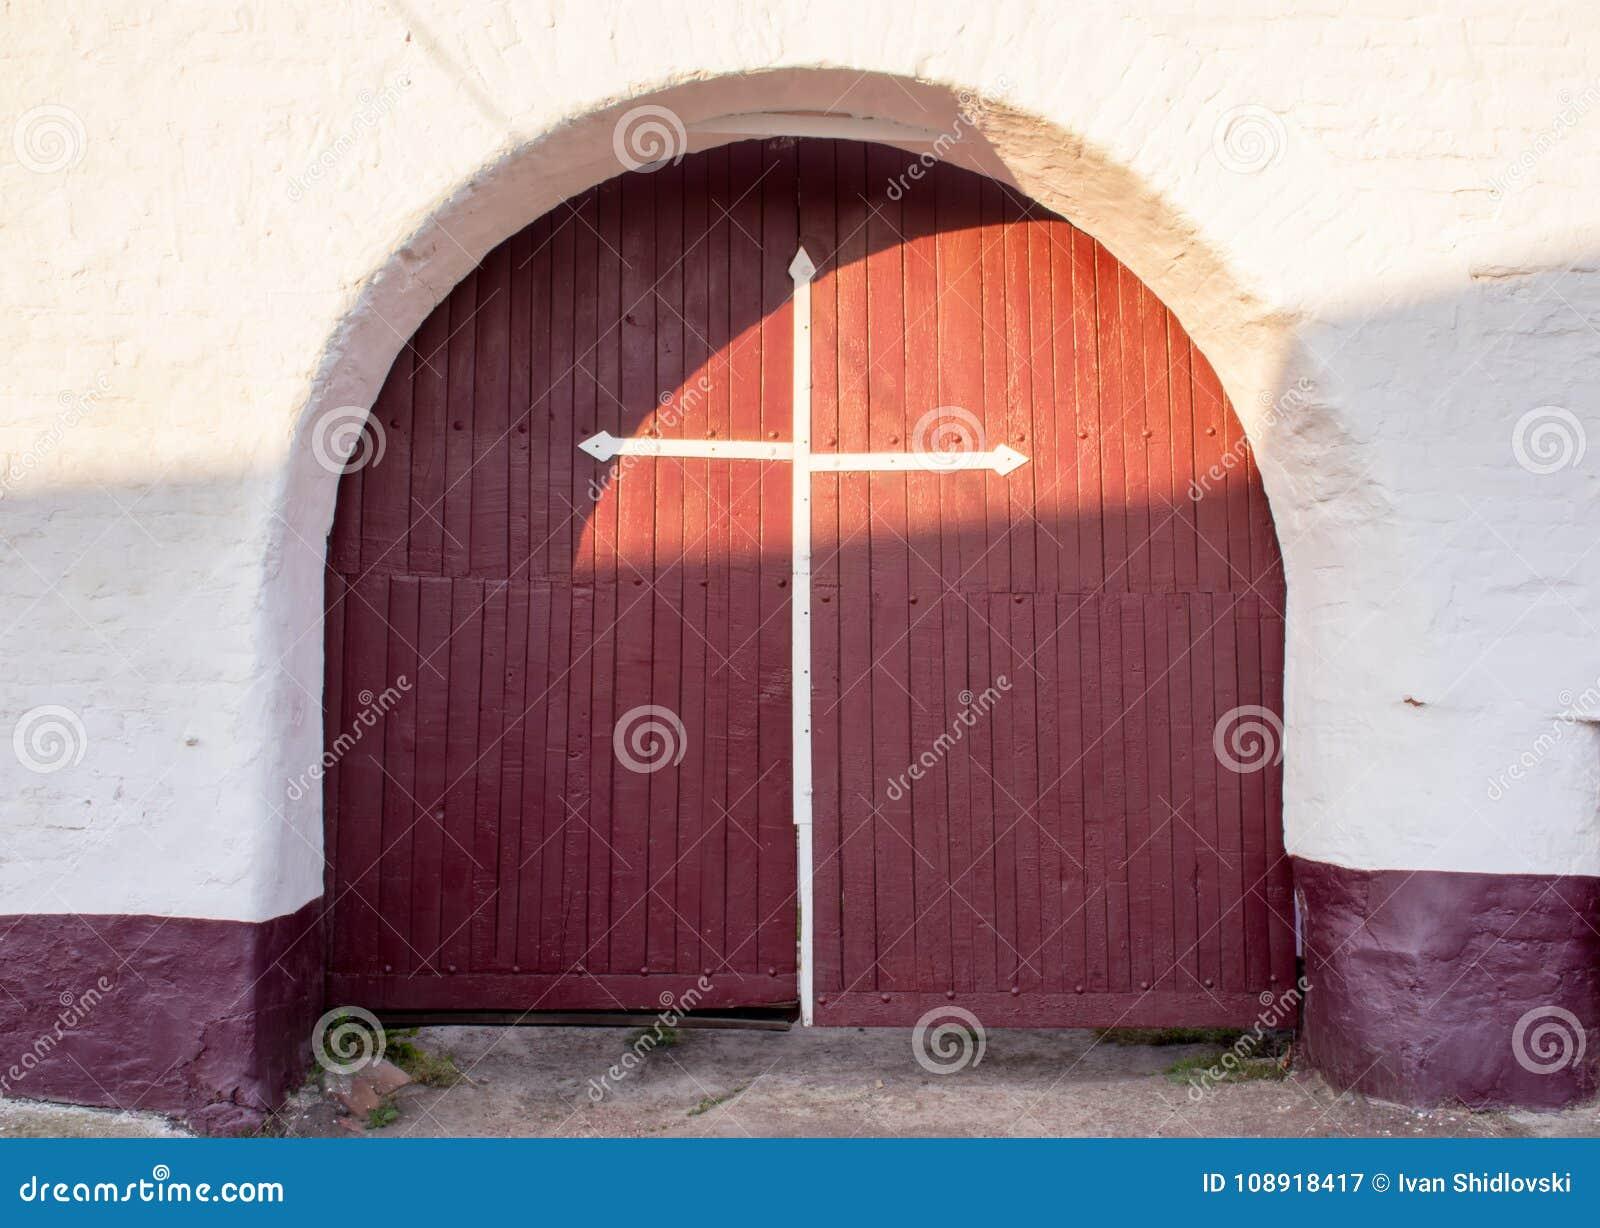 Παλαιά αρχαία πόρτα πυλών εισόδων καφέ με έναν άσπρο σταυρό σε τους ενάντια σε έναν στερεό άσπρο τουβλότοιχο Είσοδος στα χριστιαν